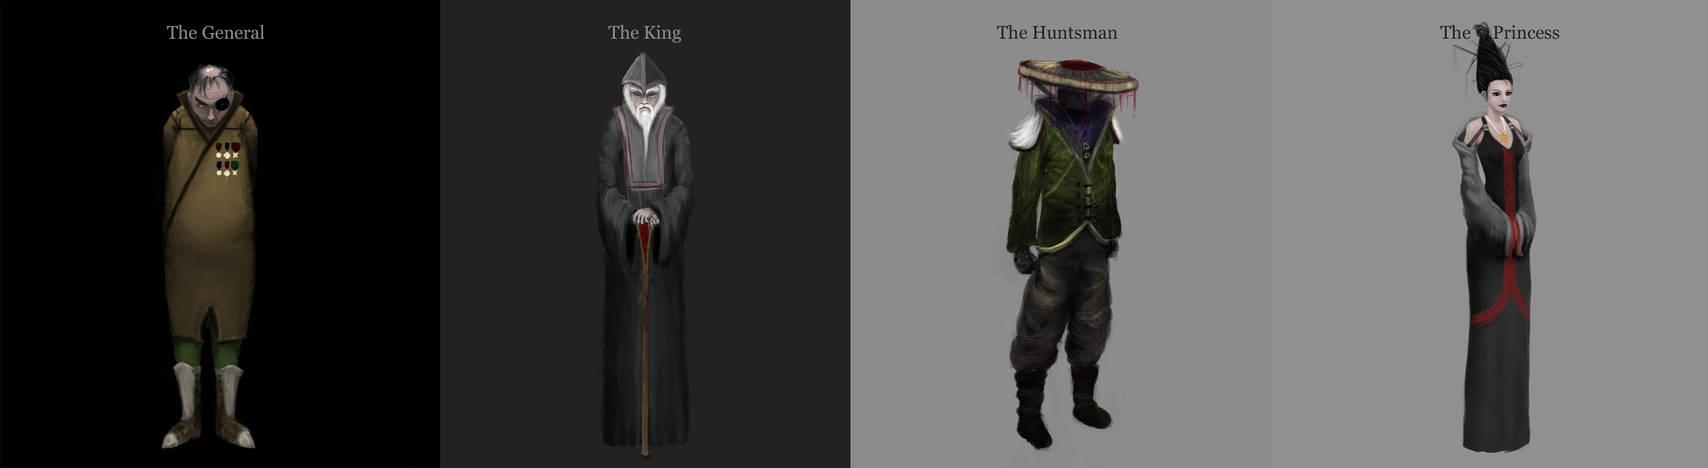 The Skillful Huntsman - Main Characters